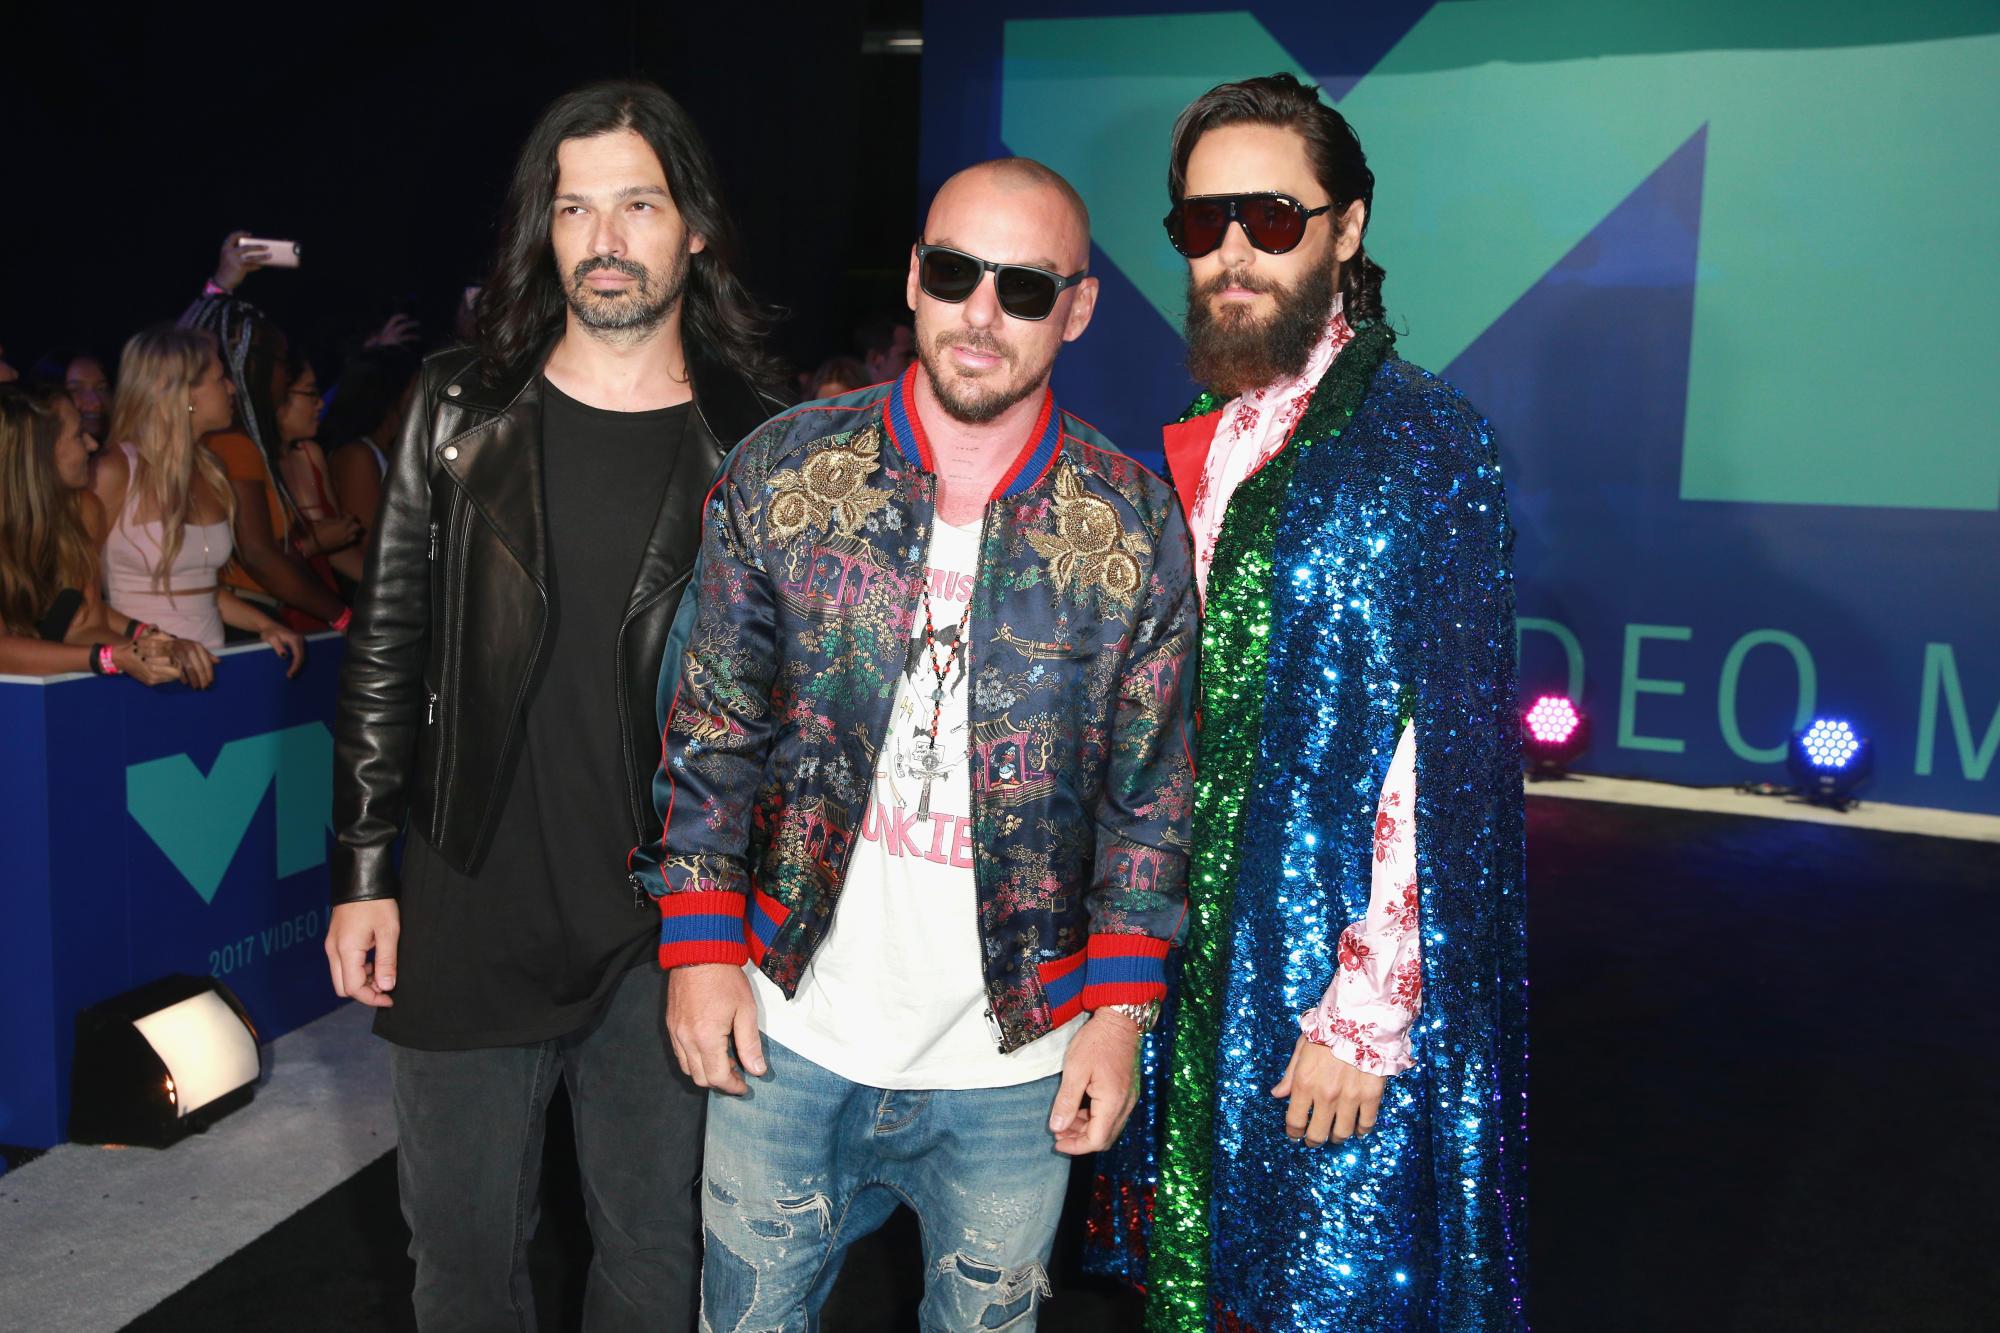 """Jared Leto (ngoài cùng bên phải) tiếp tục lựa chọn thiết kế của Gucci khi tham dự VMA 2017 cùng những """"người bạn đồng môn"""" trong nhóm nhạc 30 Seconds to Mars."""